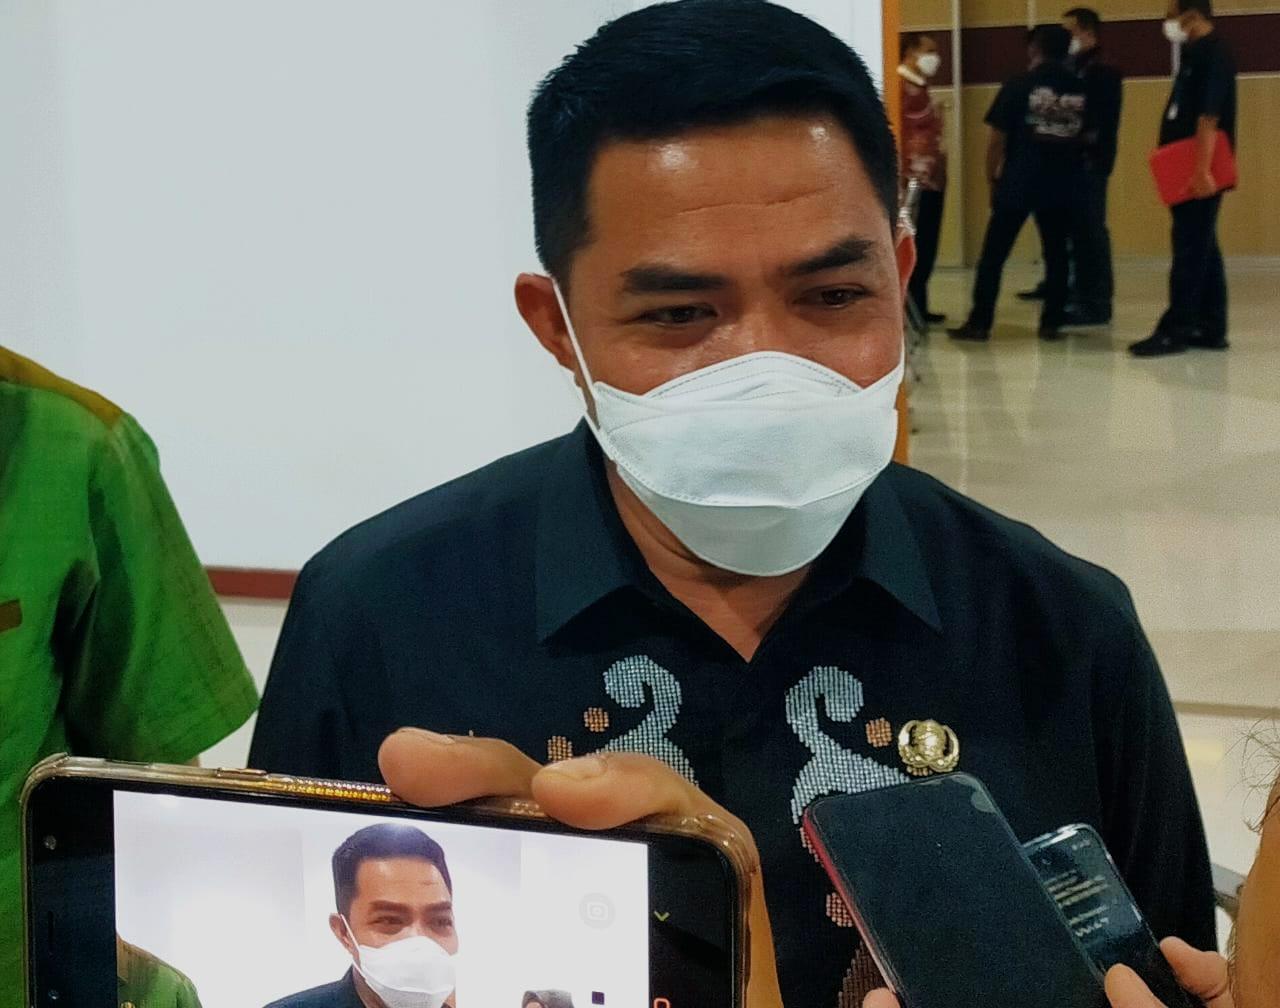 Wali Kota Samarinda, Andi Harun saat ditemui awak media seusai rapat bersama DPRD Samarinda.